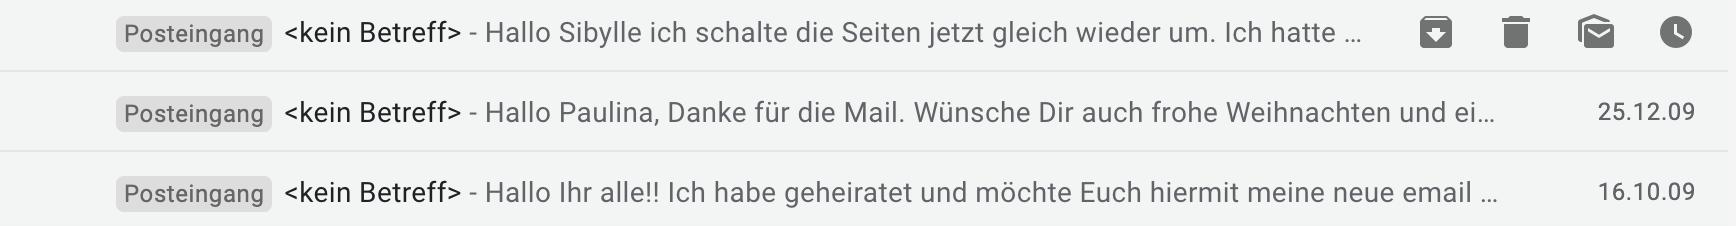 E-Mails ohne Betreff erschweren die Zuordnung.